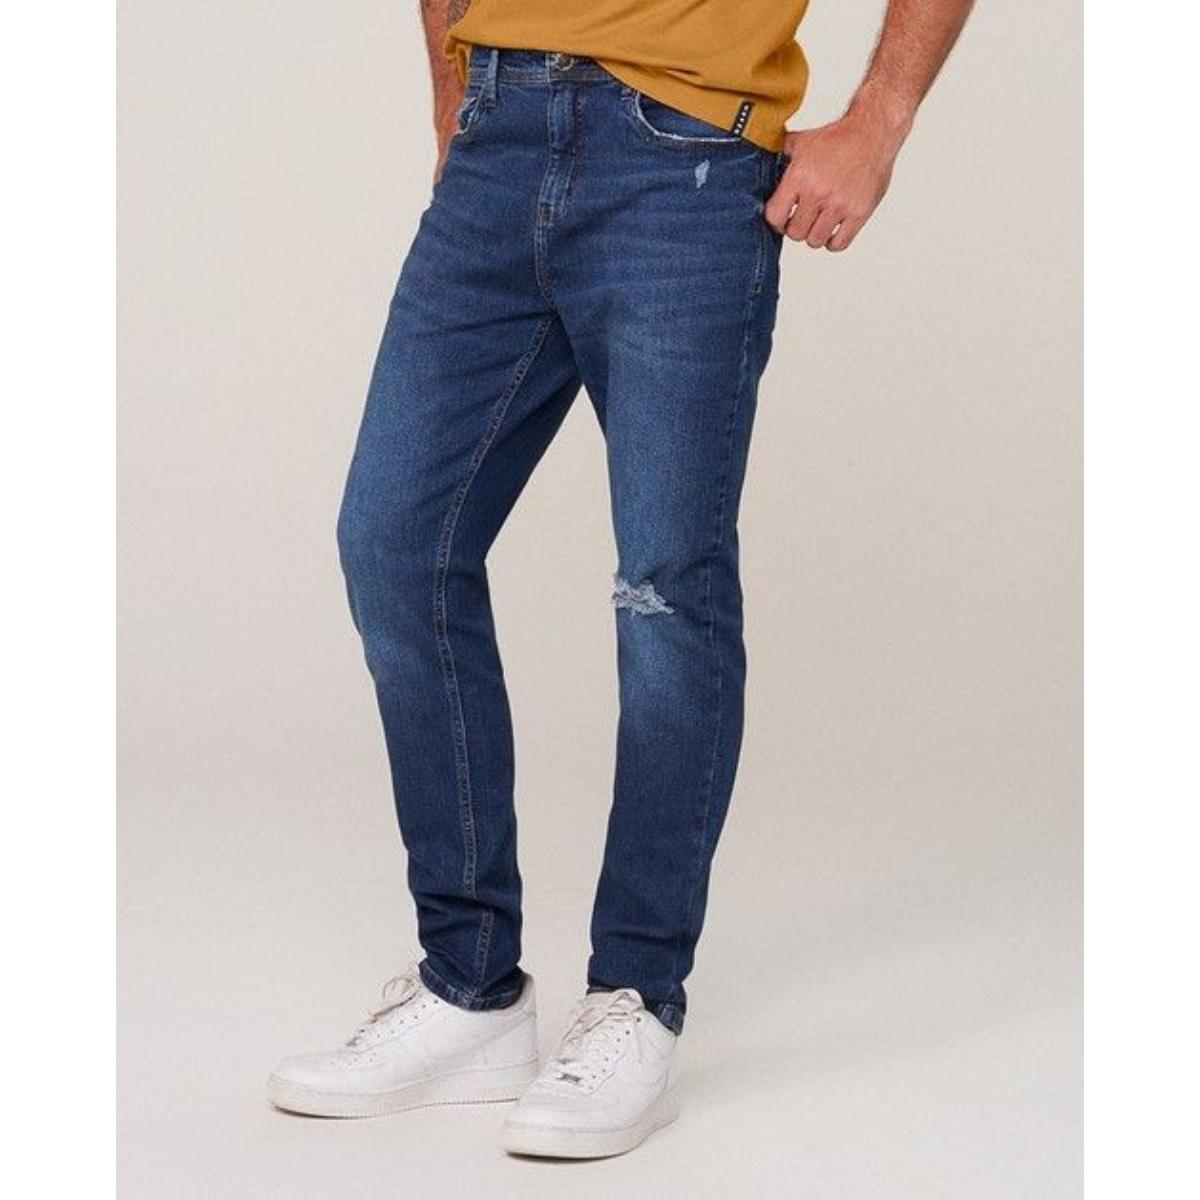 Calça Masculina Dzarm Zu66 1asn  Jeans Escuro